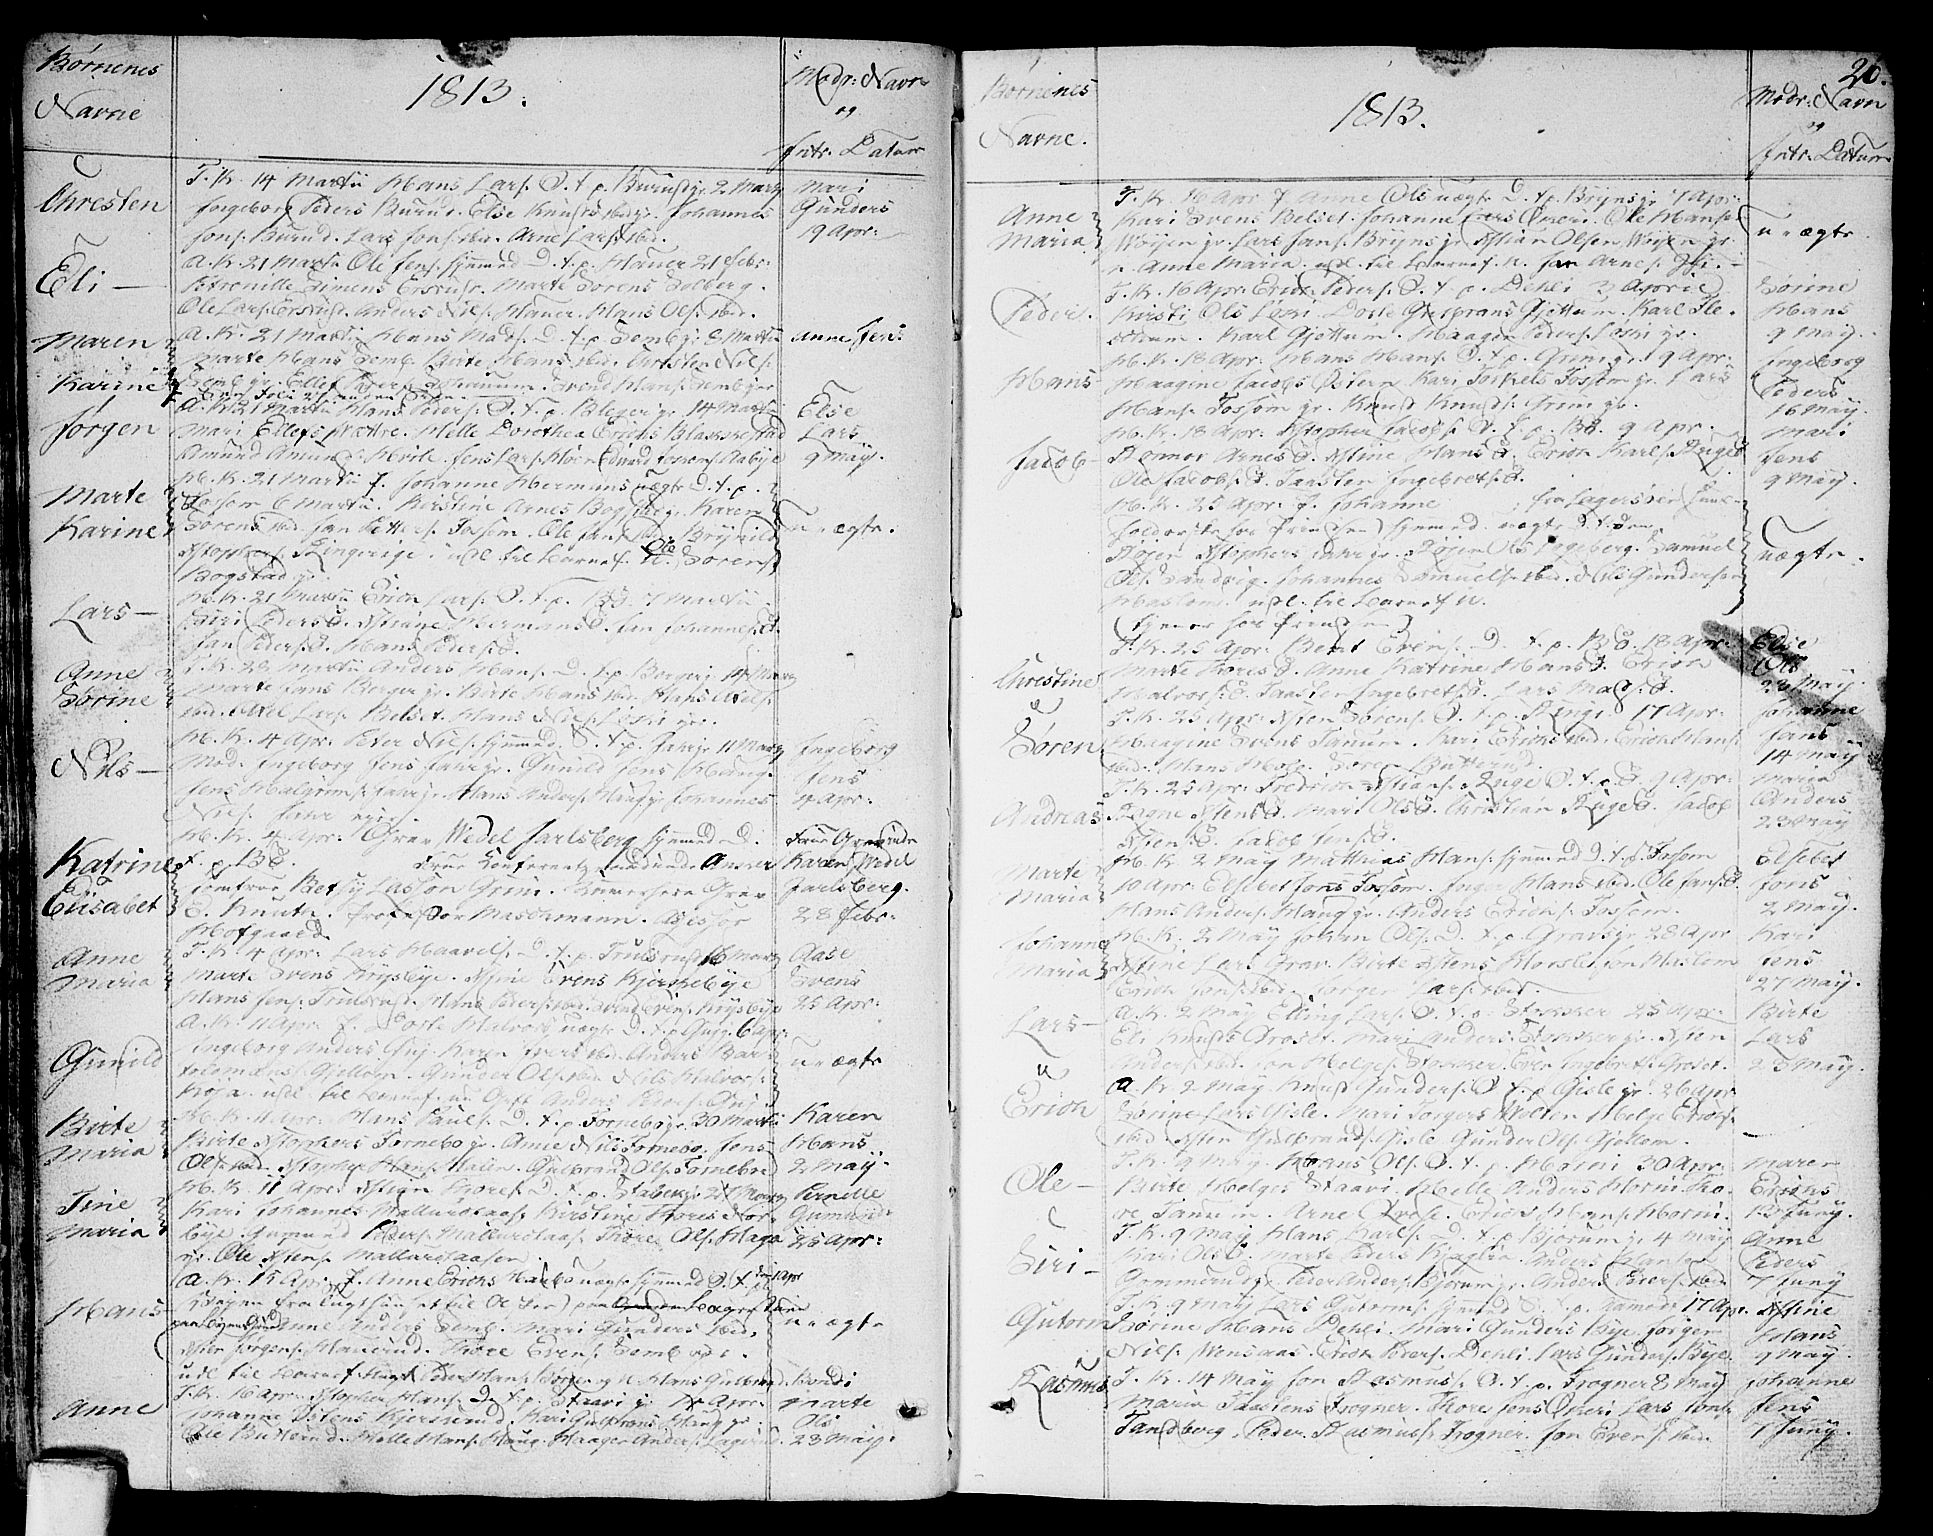 SAO, Asker prestekontor Kirkebøker, F/Fa/L0005: Ministerialbok nr. I 5, 1807-1813, s. 26